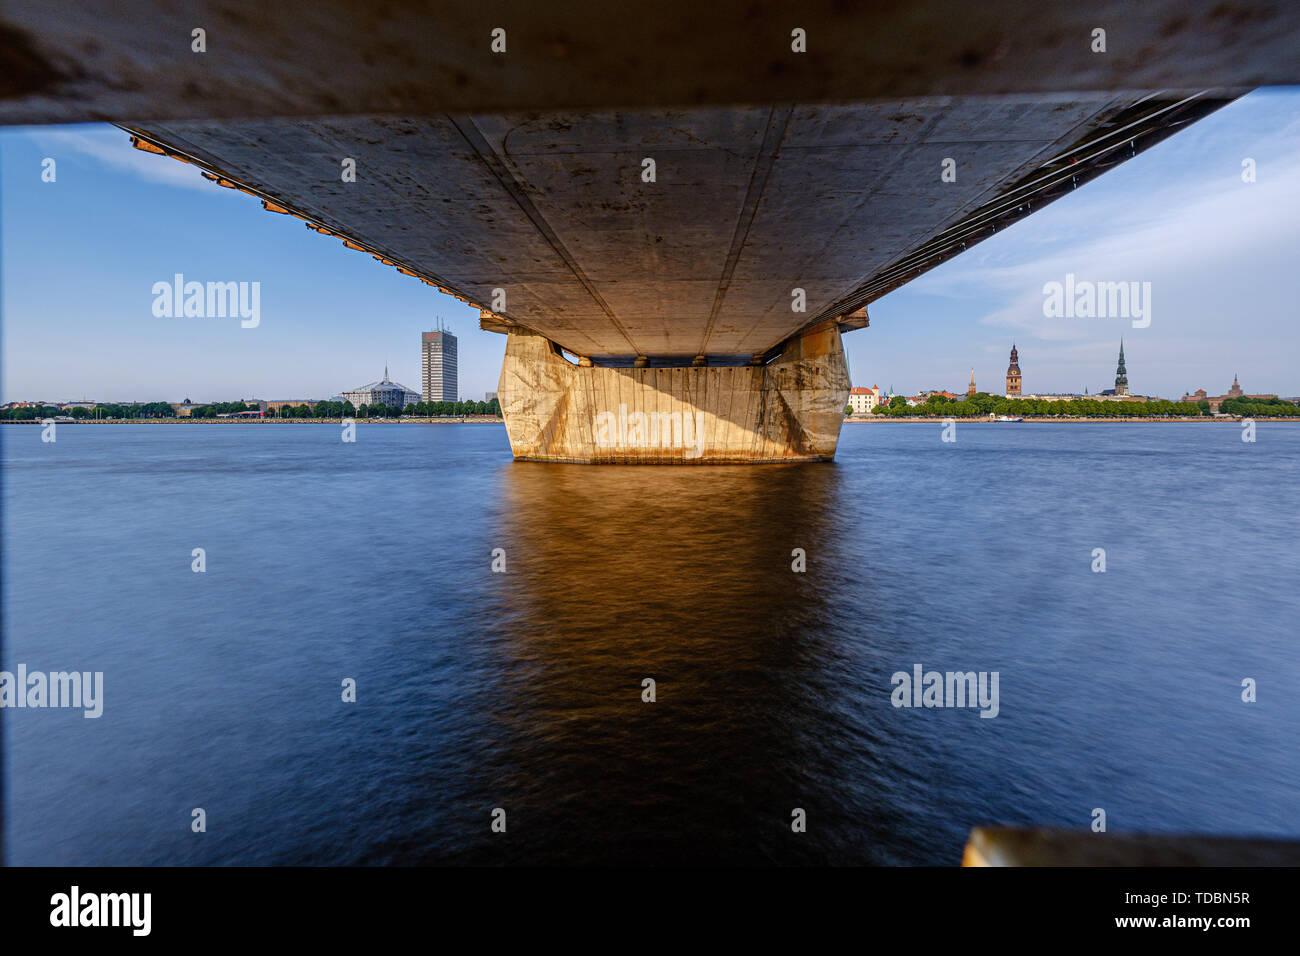 Details der Kabelbrücke in Riga Lettland im Sommer durch den Fluss Daugava, abendliche Landschaft Stockbild